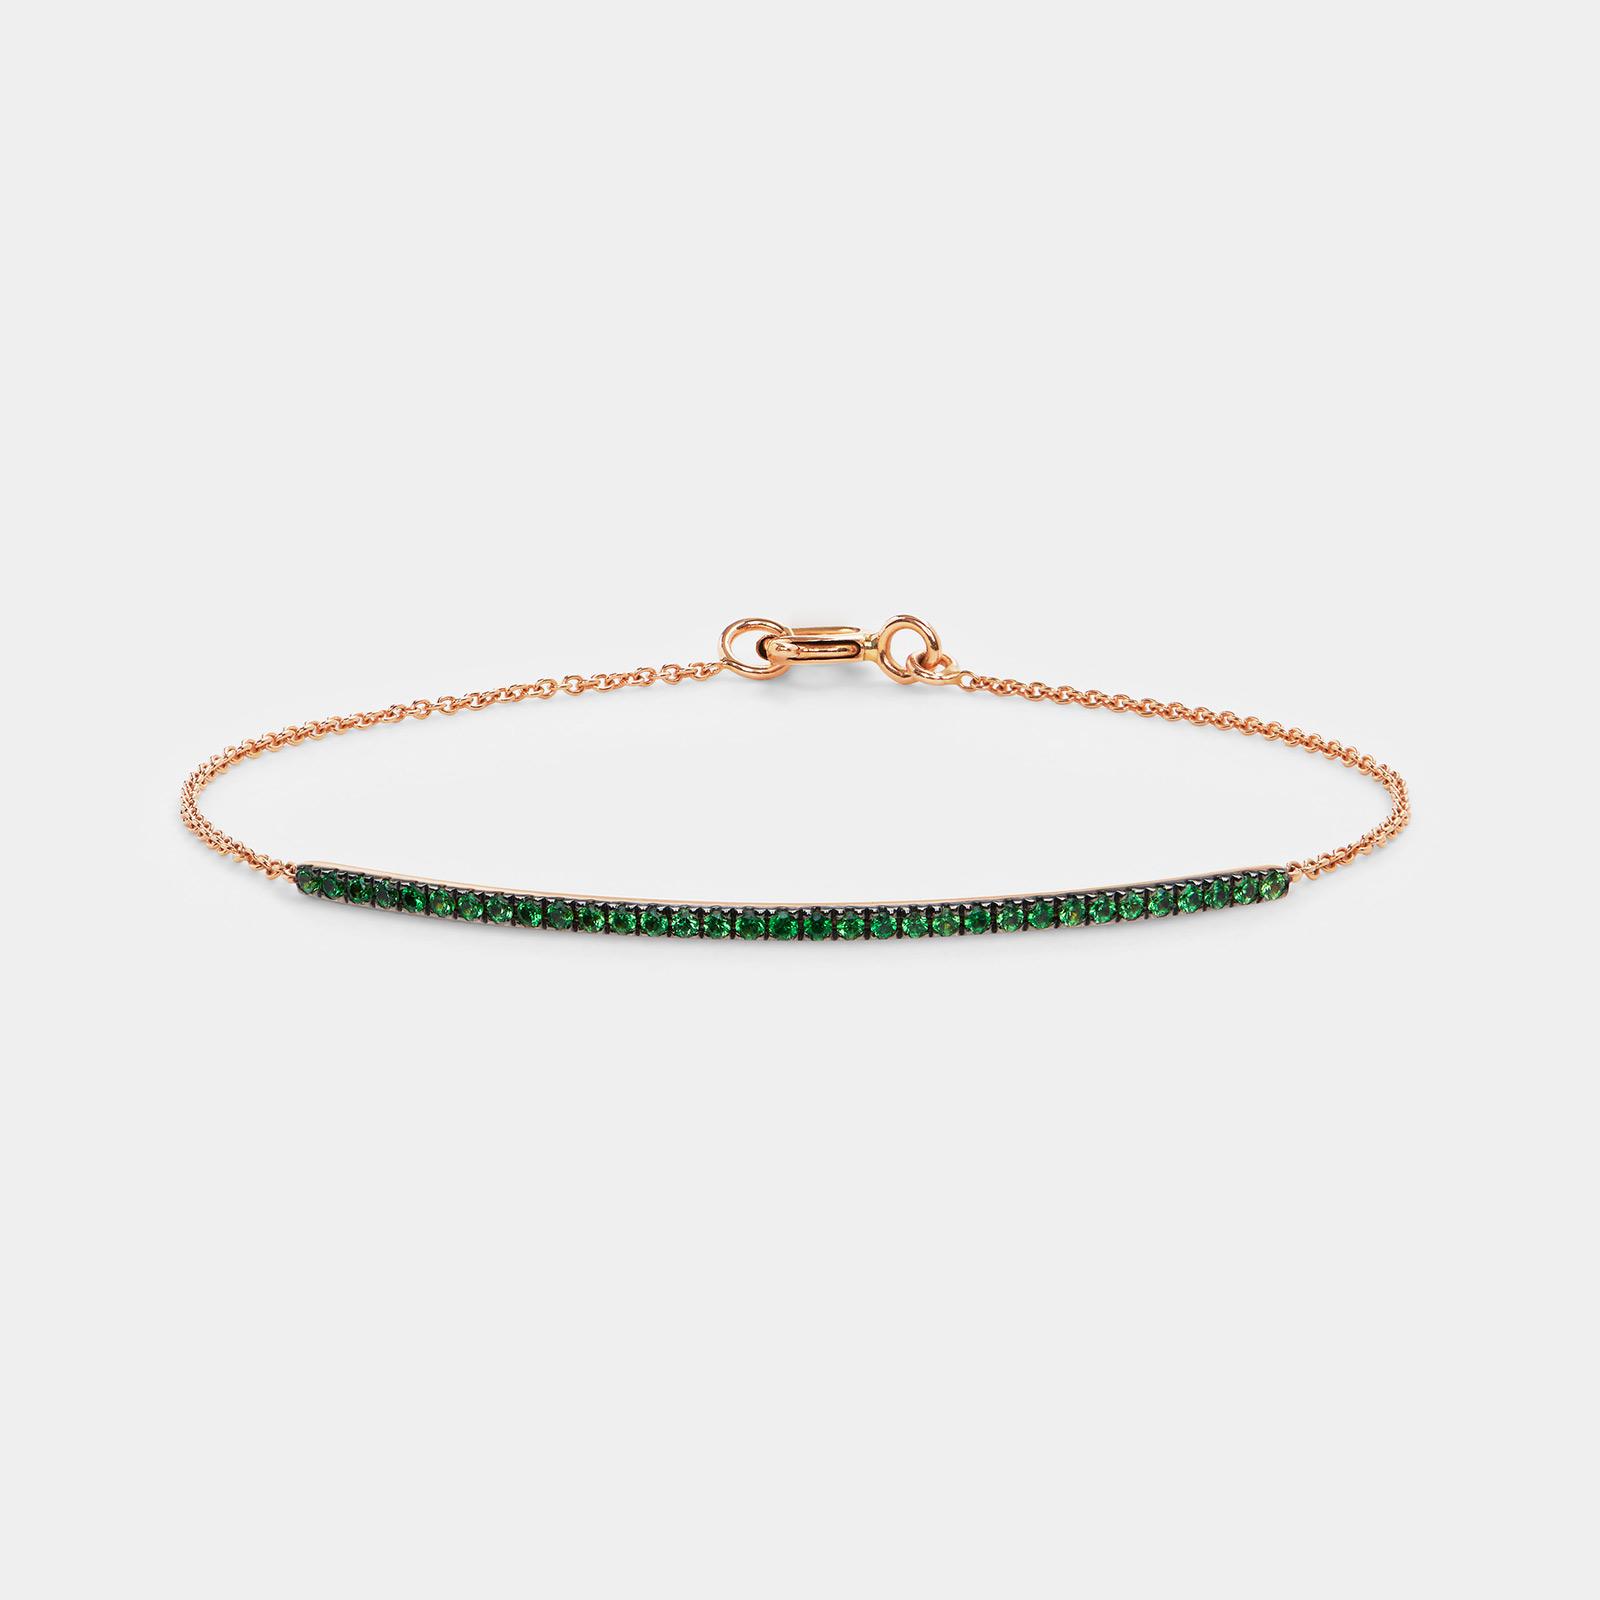 Bracciale in oro rosa e smeraldi - Rosanna Cattolico gioielli